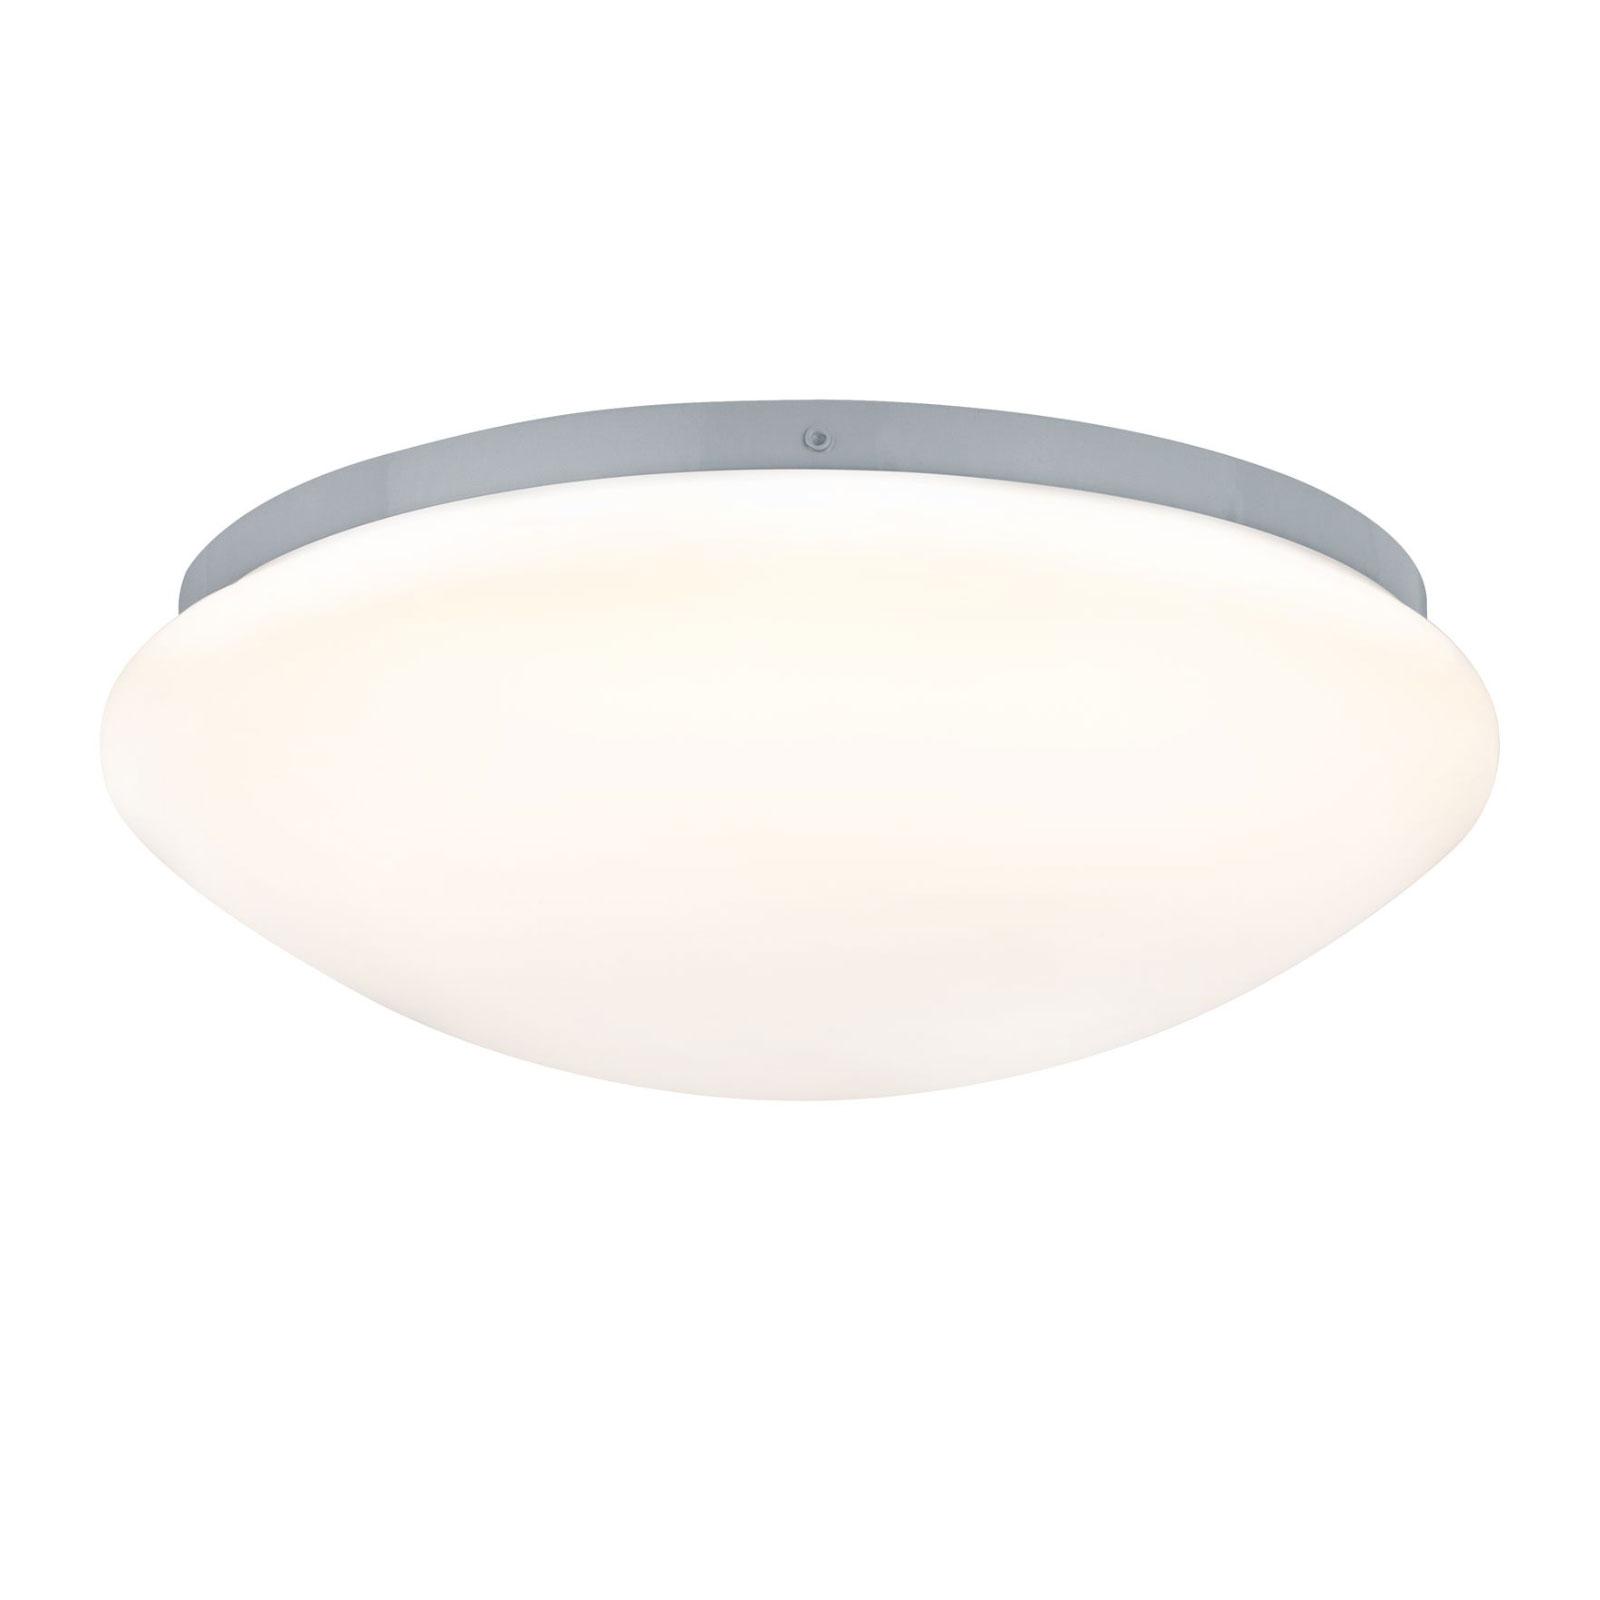 Paulmann Leonis LED-Deckenleuchte 3.000 K, Ø 28 cm